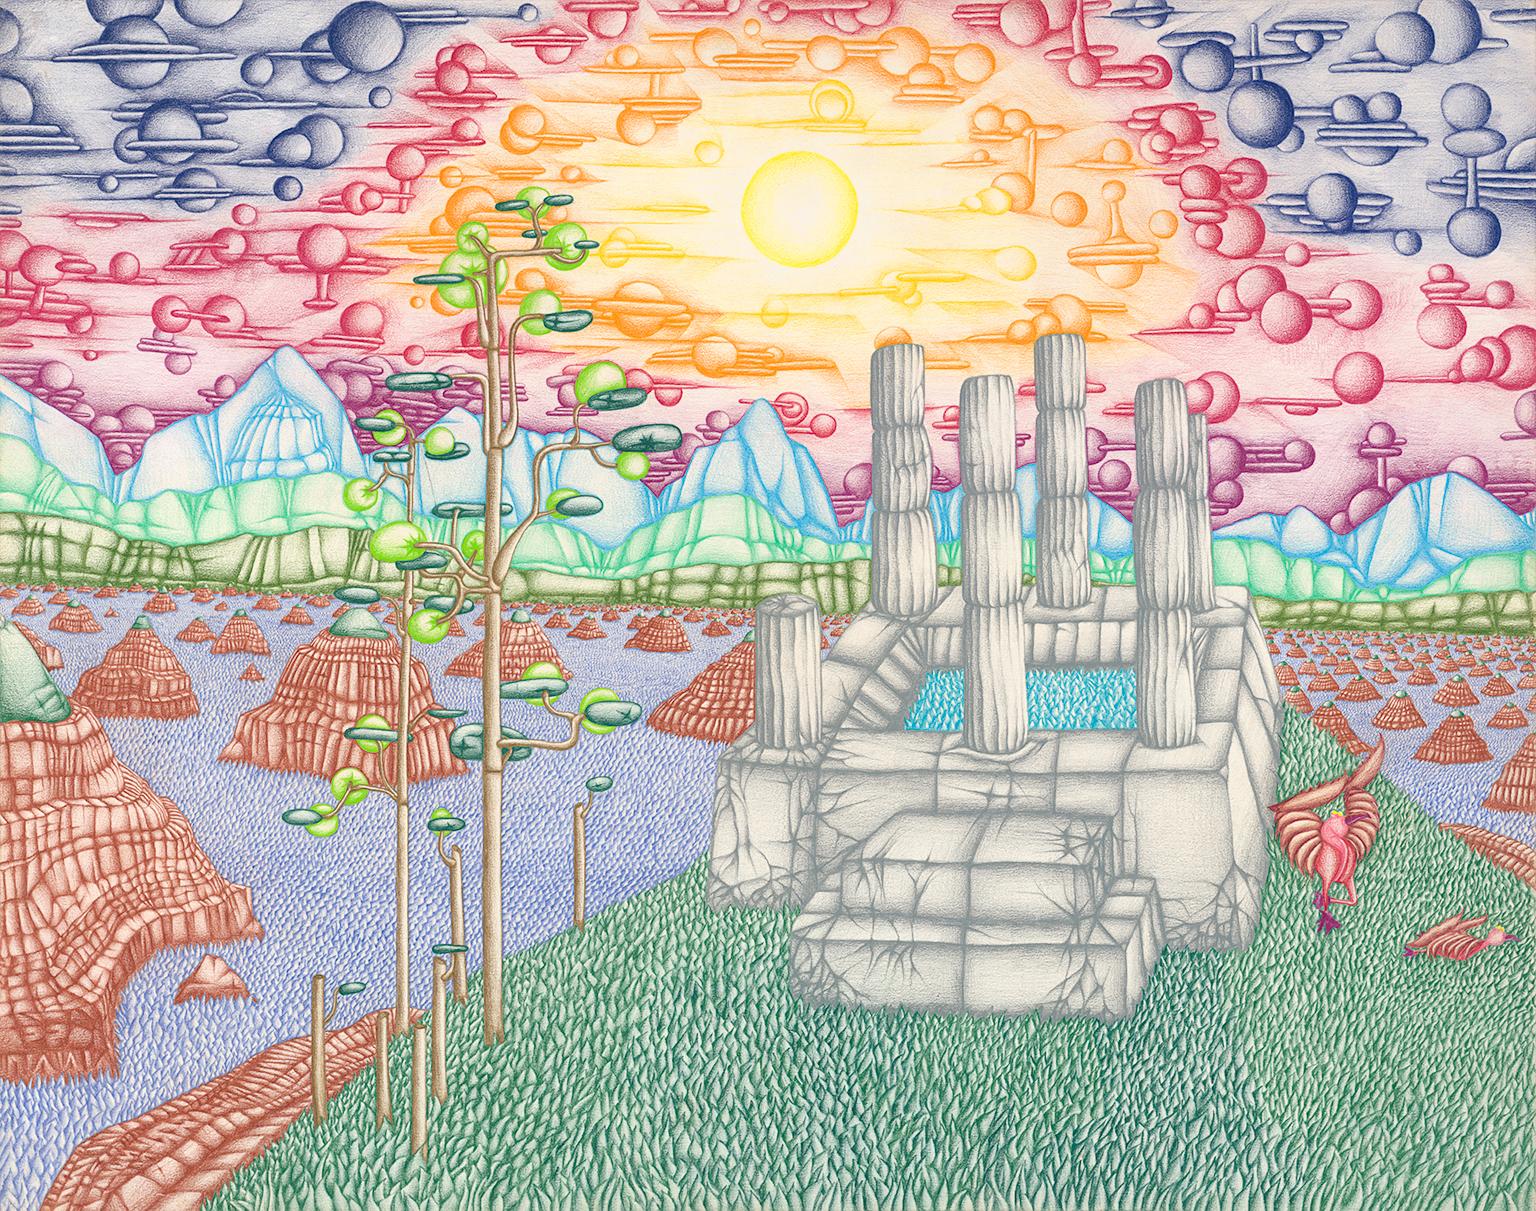 dawn of the epoch